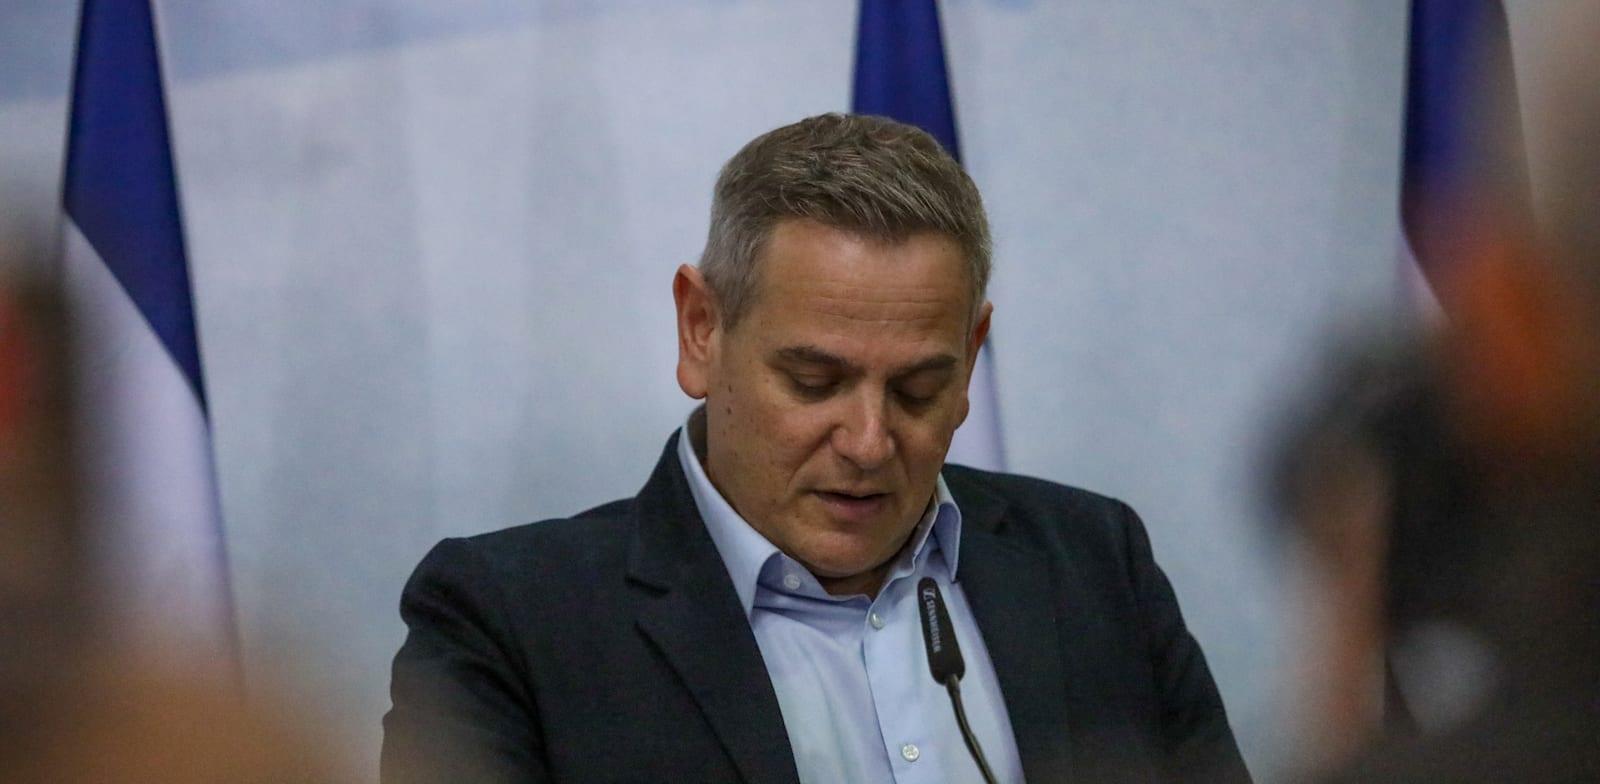 שר הבריאות, ניצן הורביץ / צילום: שלומי יוסף